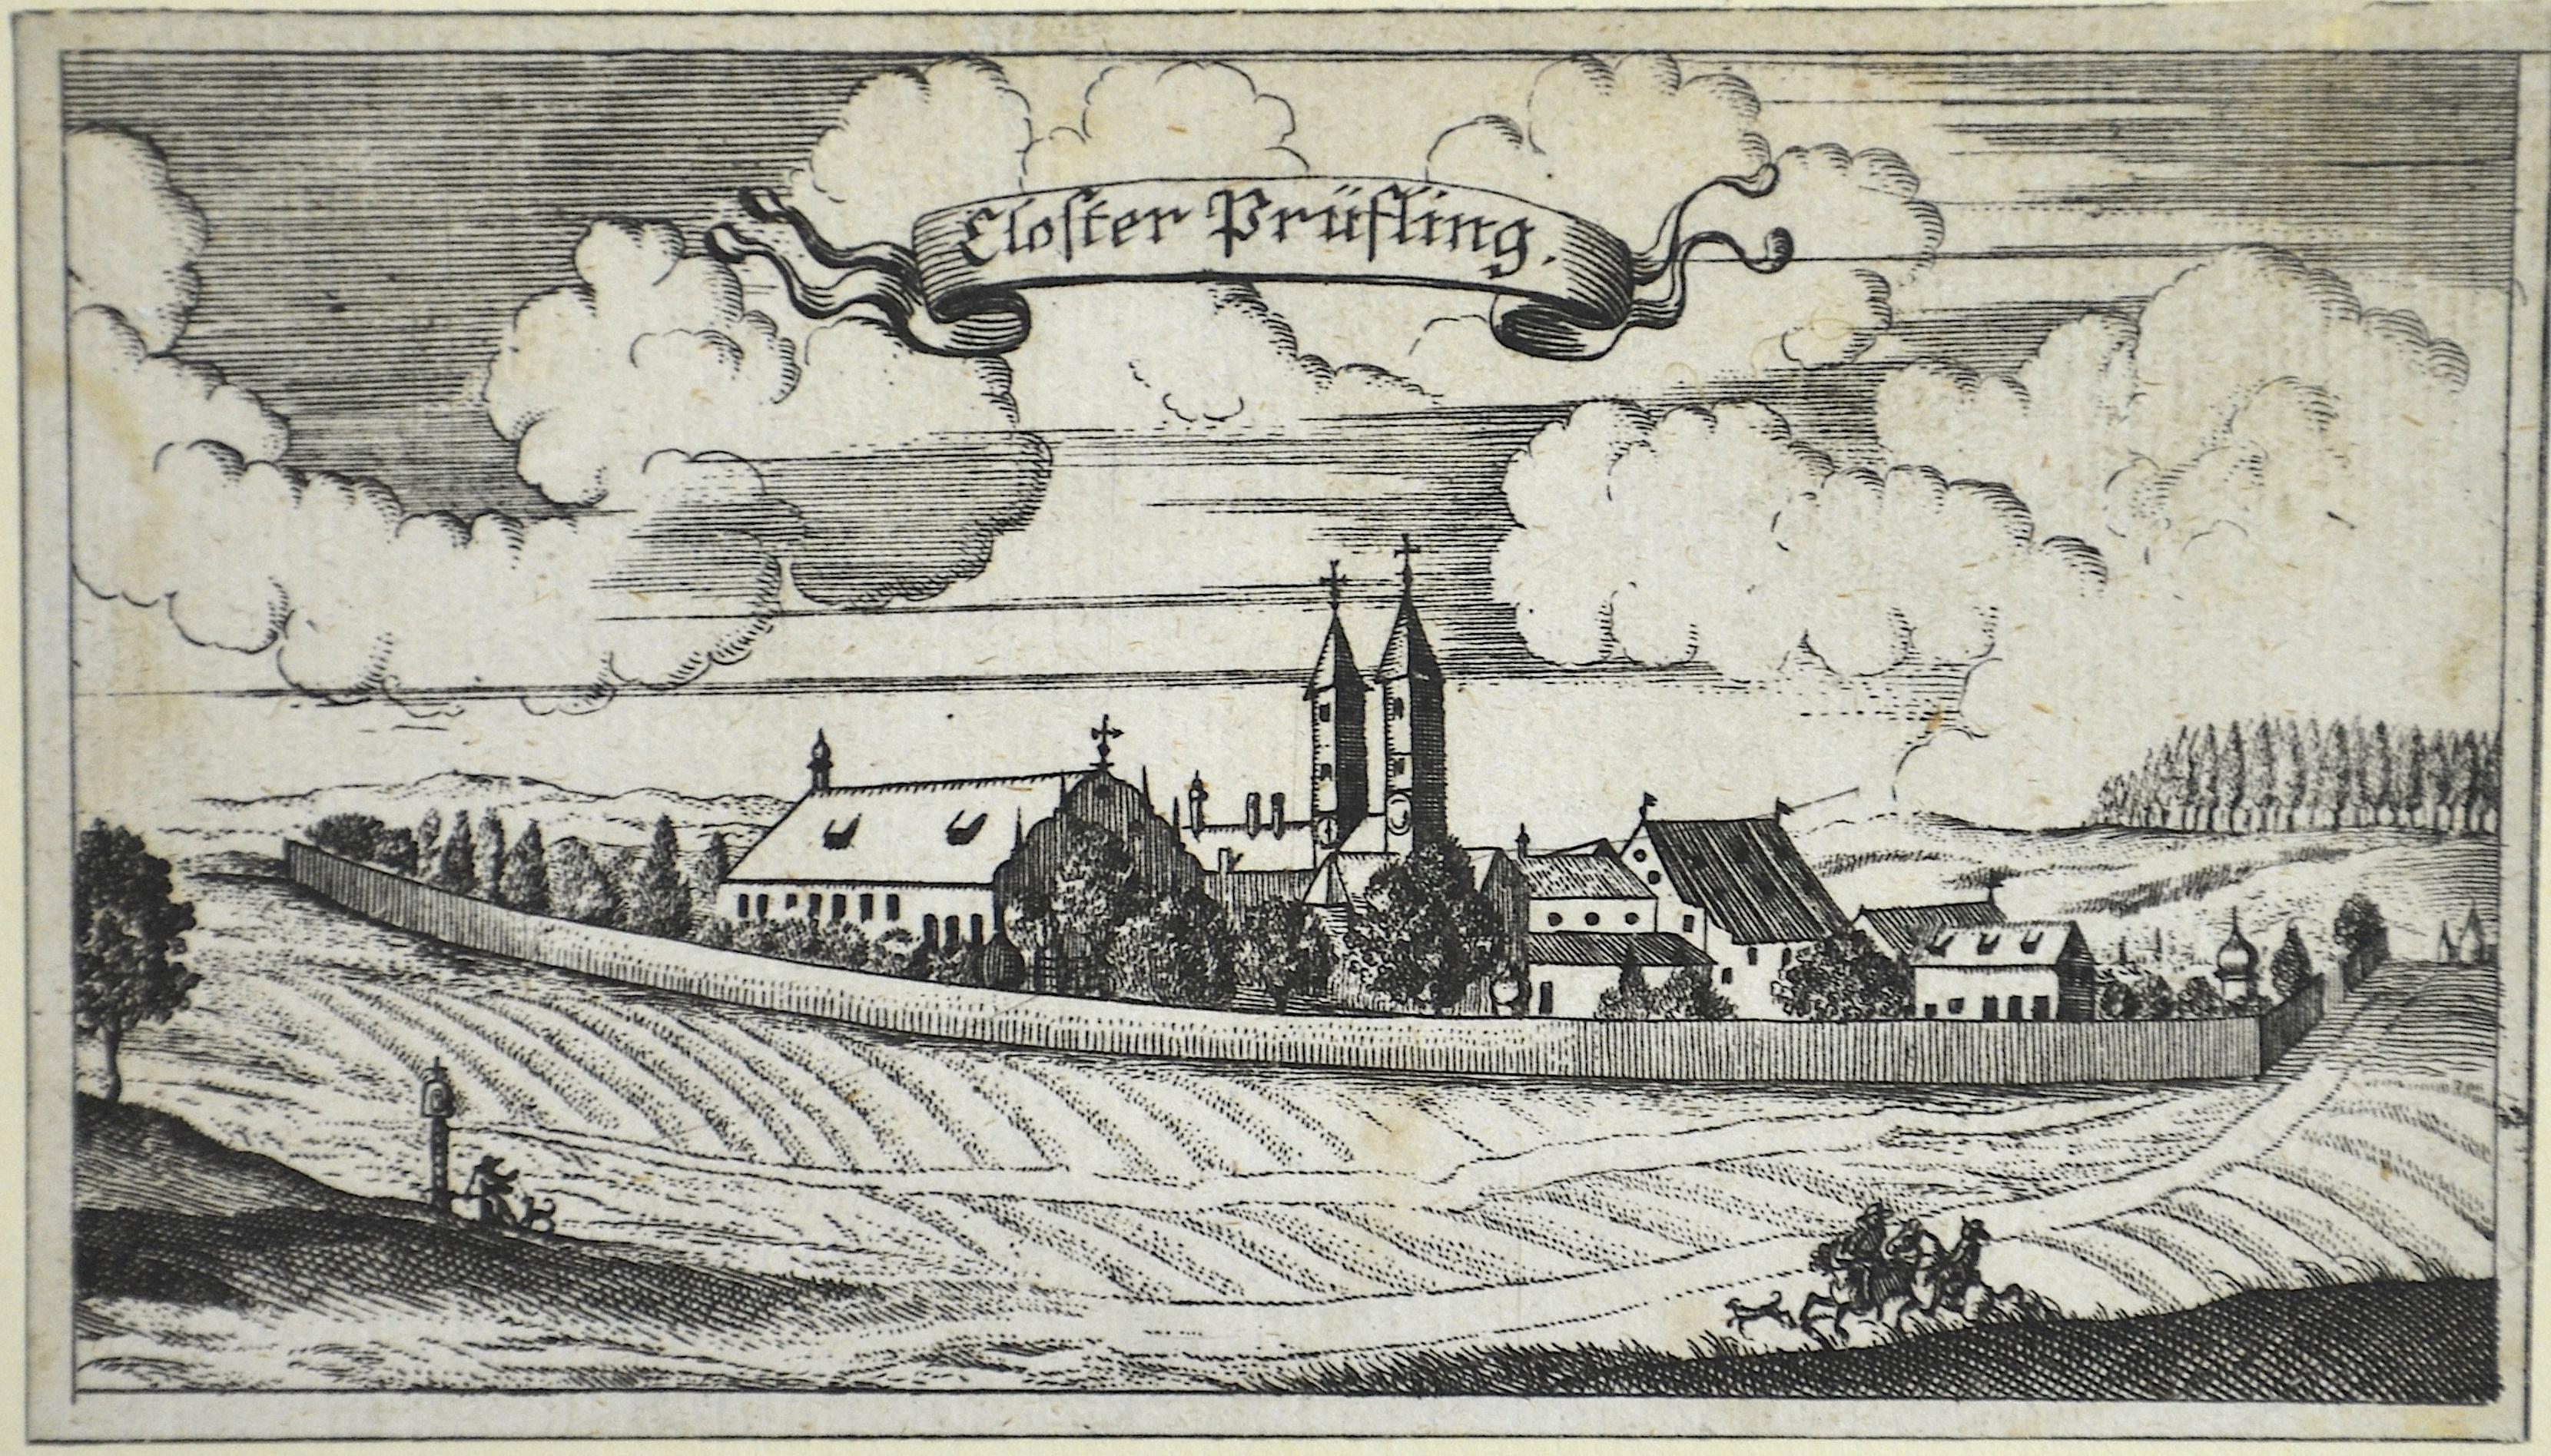 Ertl Anton Wilhelm Closter Pfüfling.